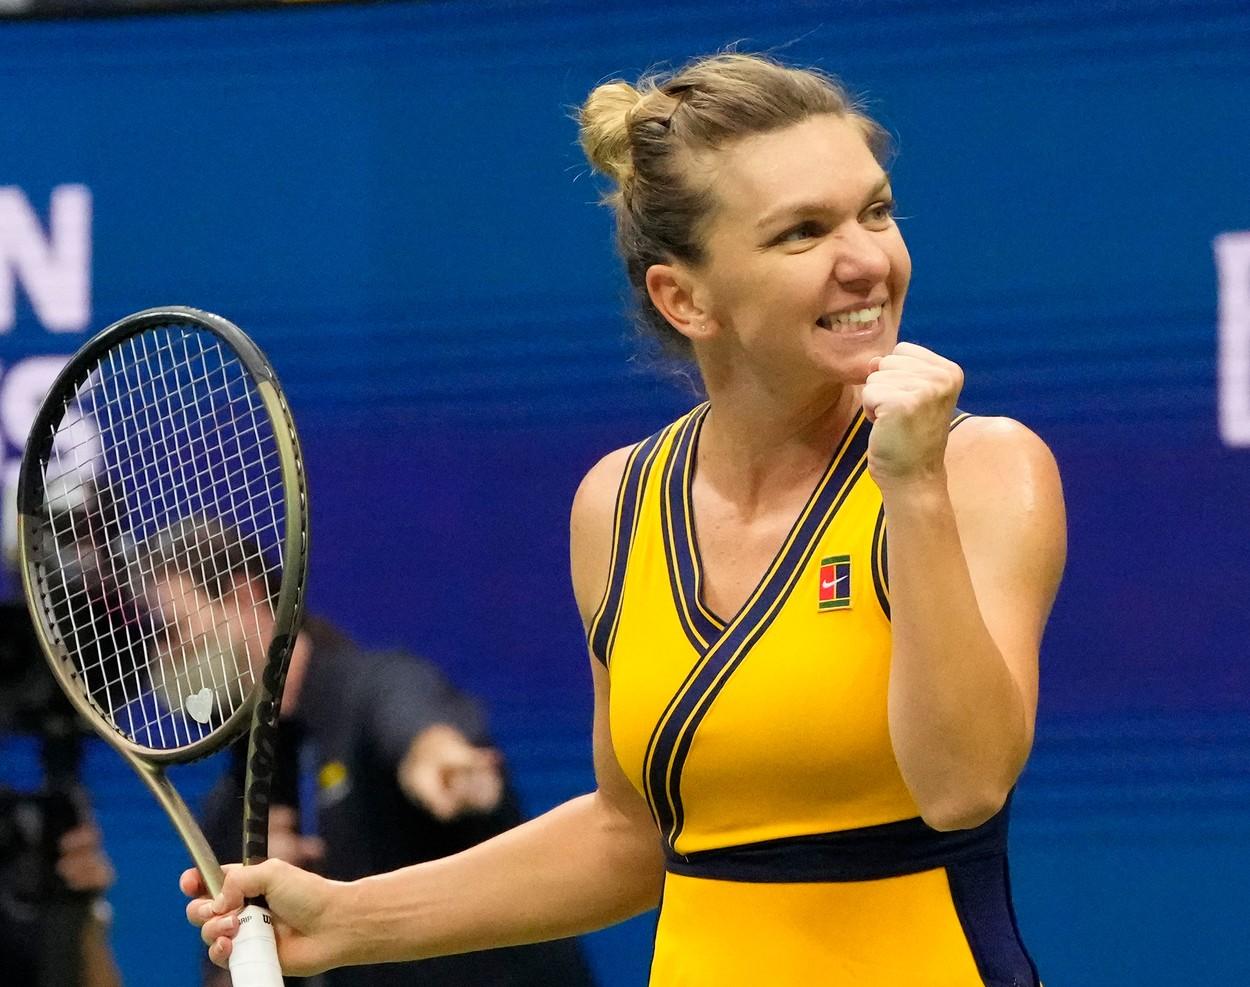 Simona Halep s-a calificat în optimile de finală la US Open. A învins-o pe Rîbakina după o luptă dură